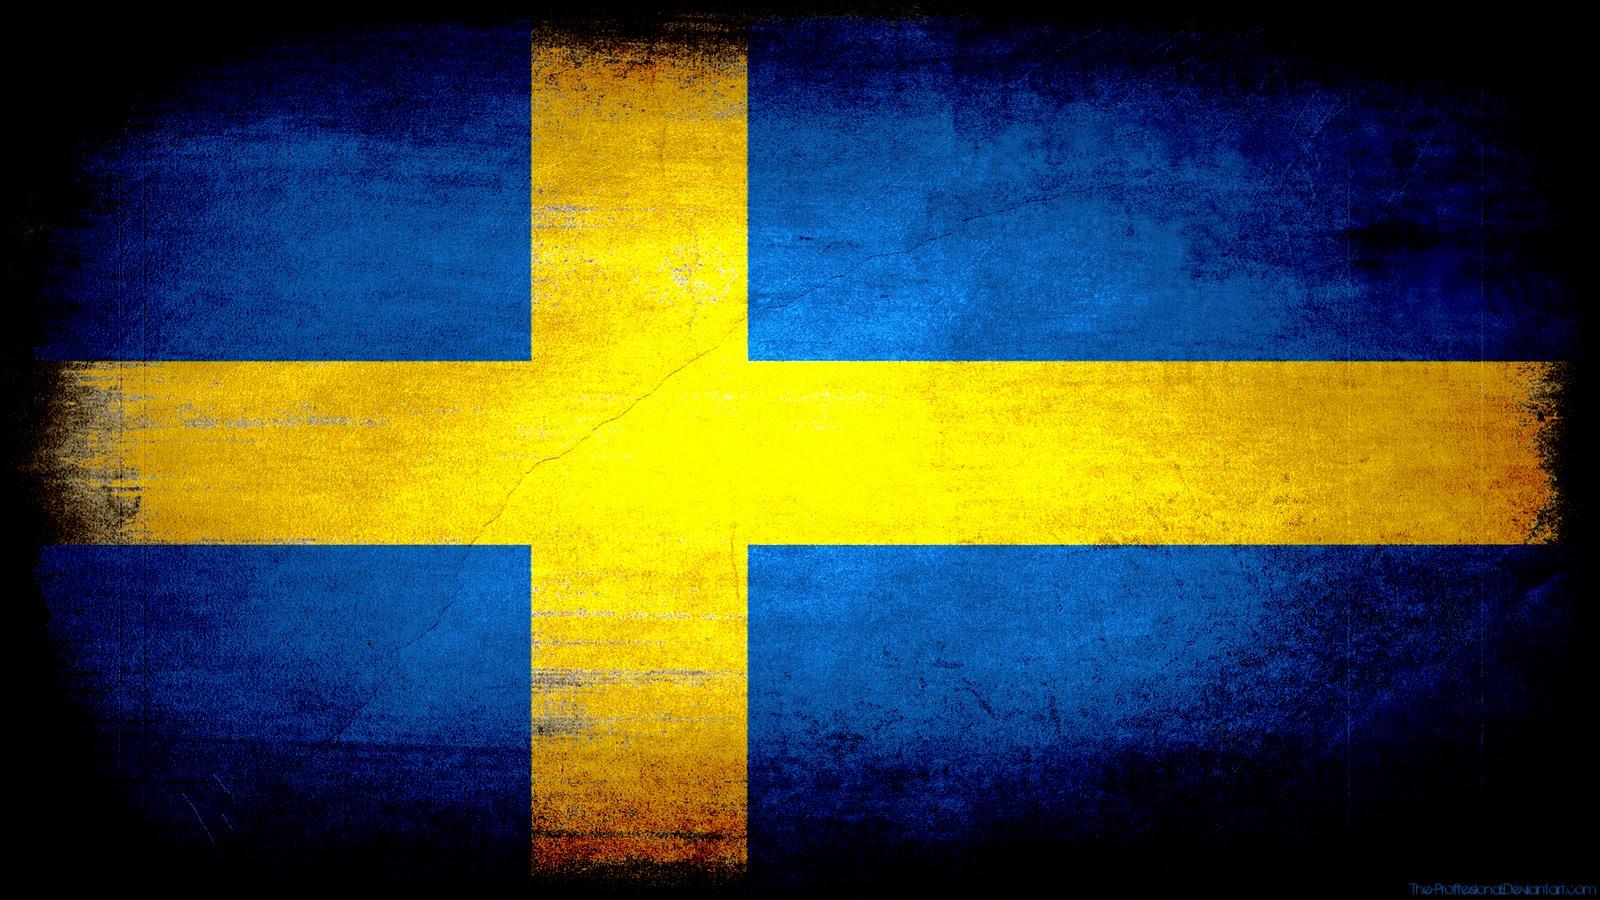 http://1.bp.blogspot.com/-j-ACwwZVQl4/TwtphzwzPMI/AAAAAAAABHo/_-E9712iwSg/s1600/Sweden_flag_grunge_wallpaper_by_The_proffesional.jpg